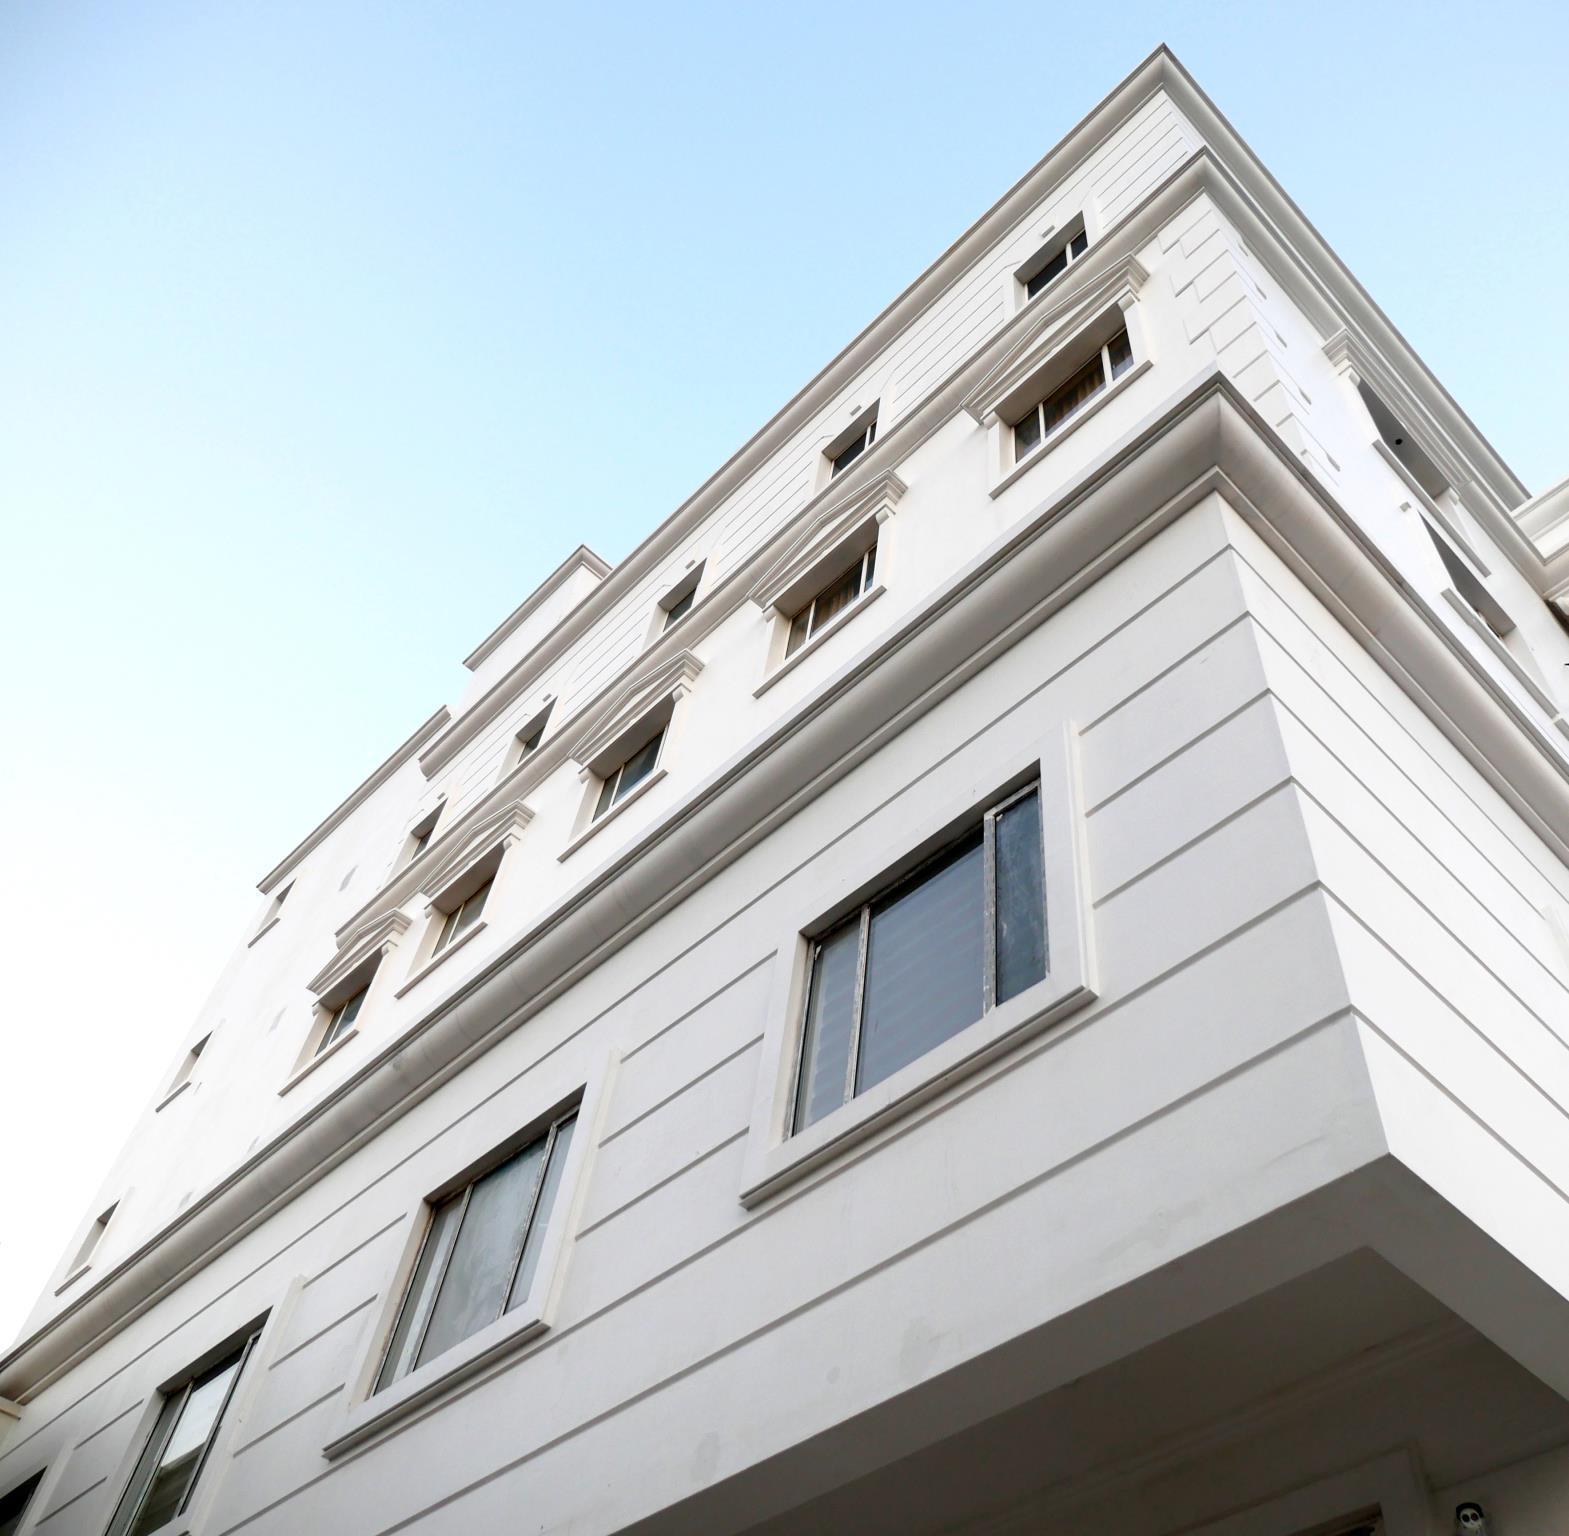 AVS Imperiaa Hotel   Karaikal